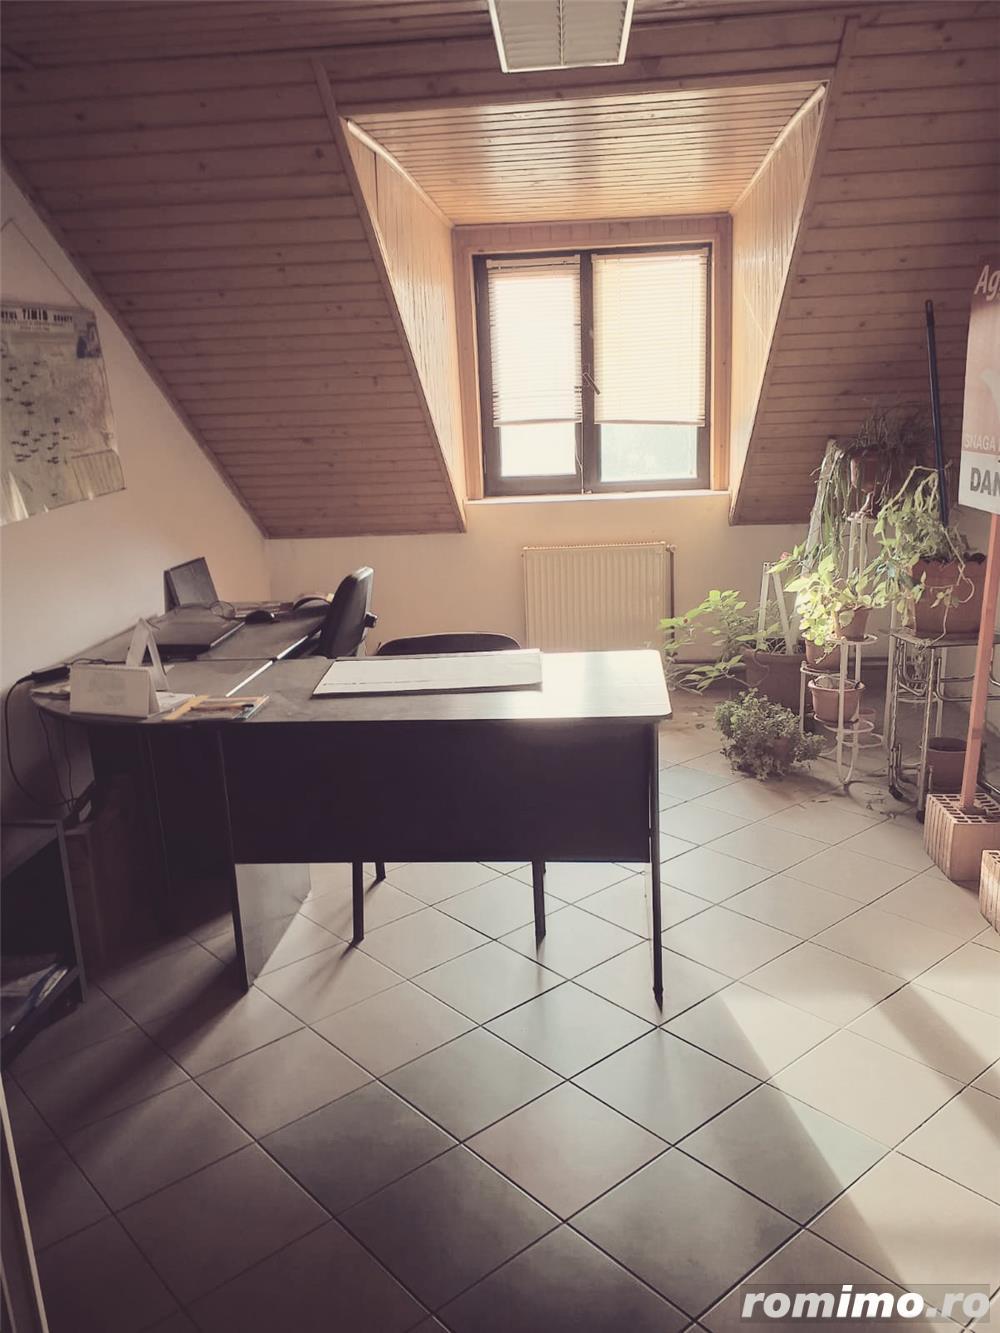 Inchiriez spatiu birou Timisoara zona Aradului Bucovina